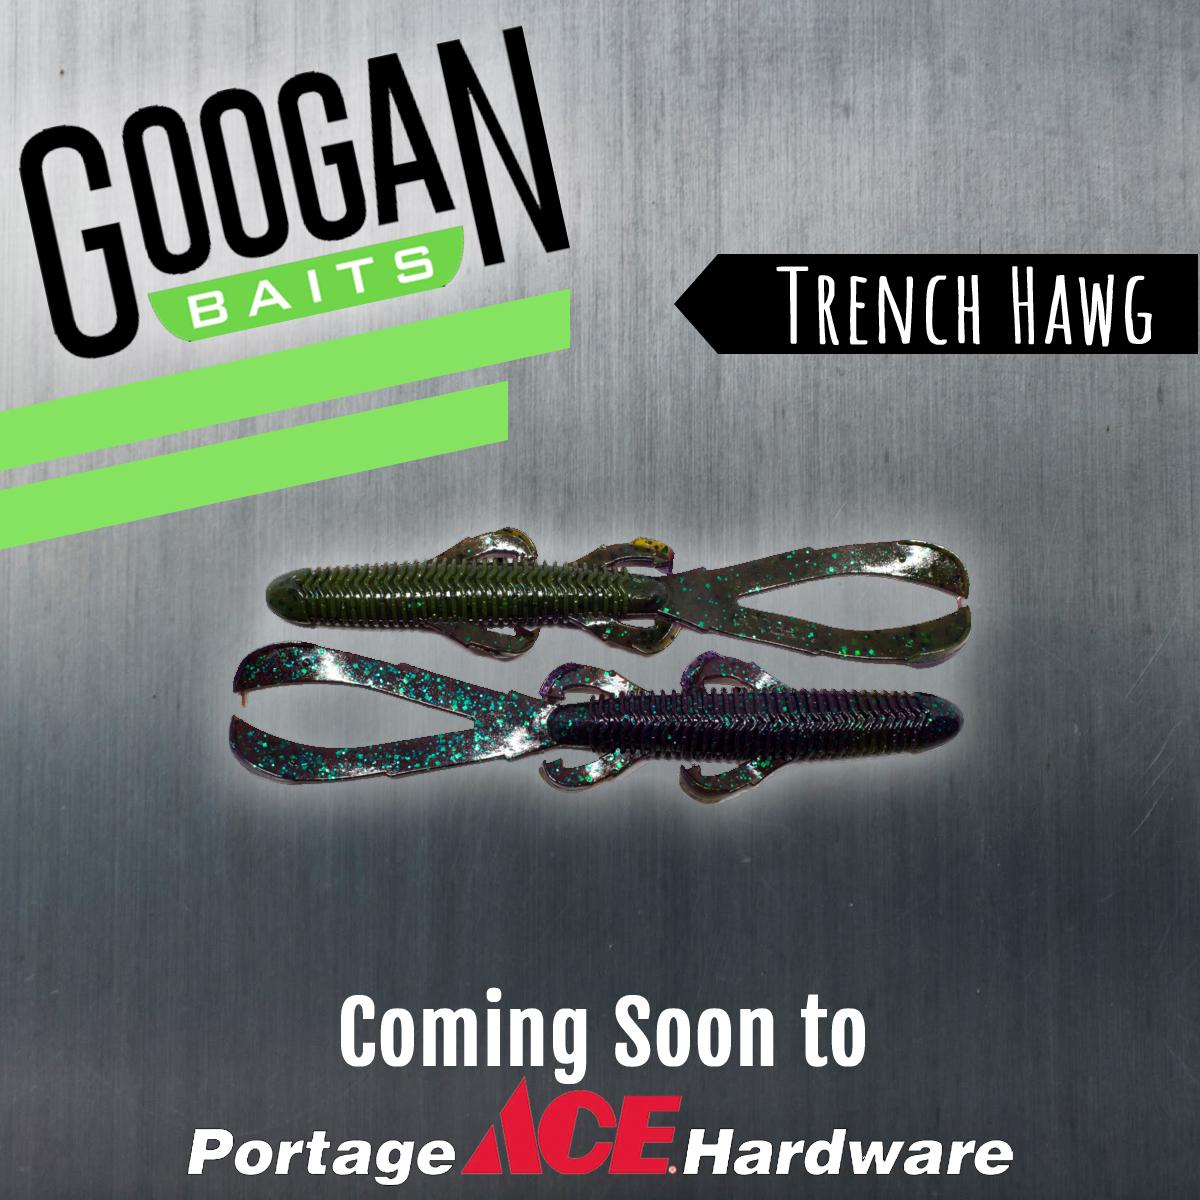 googan bait slide show 5.jpg